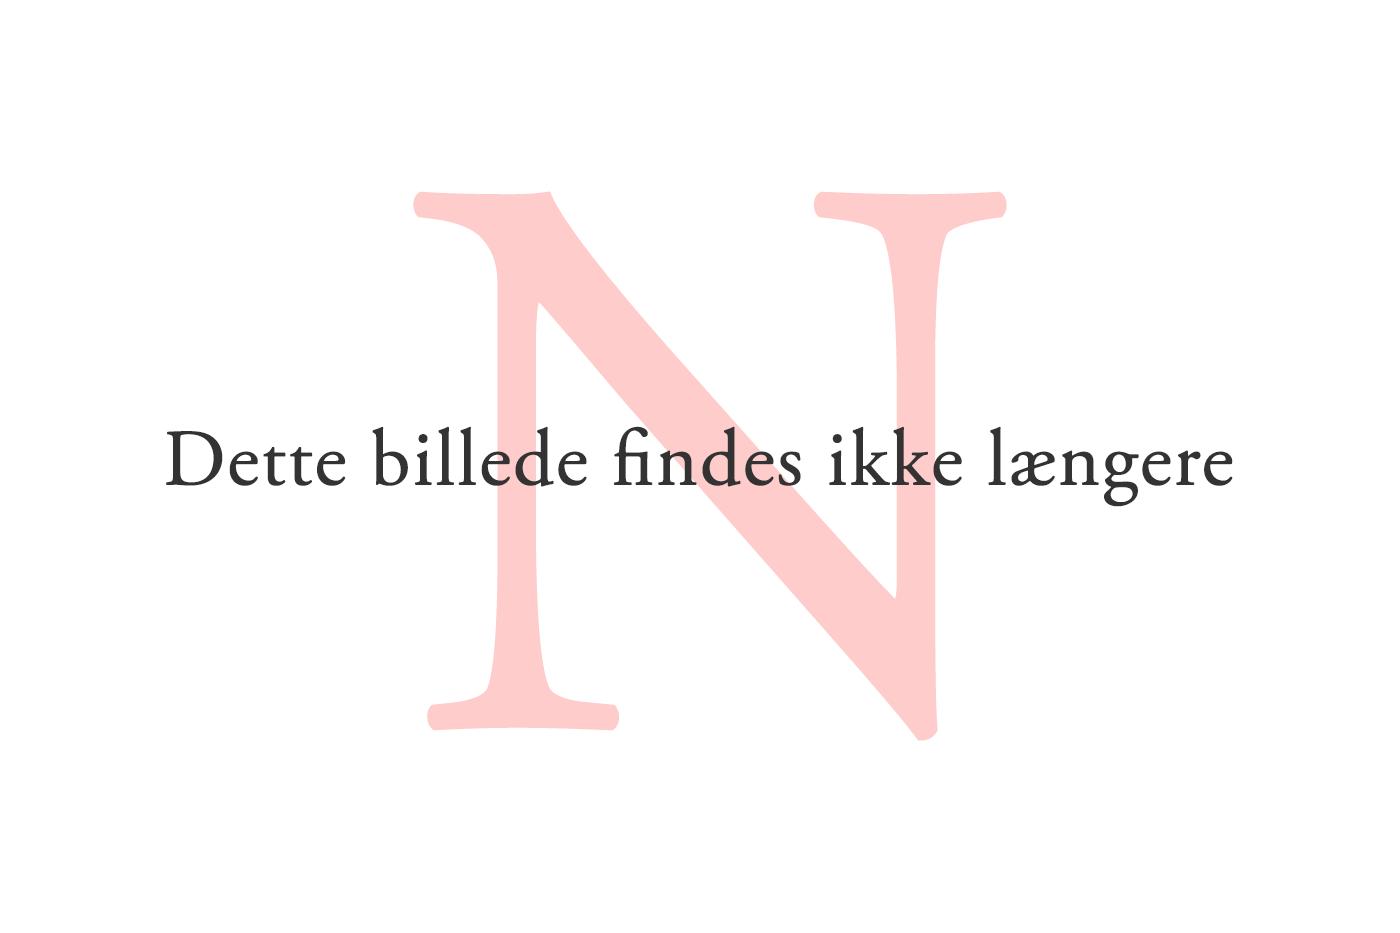 TV: Roskilde vil have kompetencer frem for køn